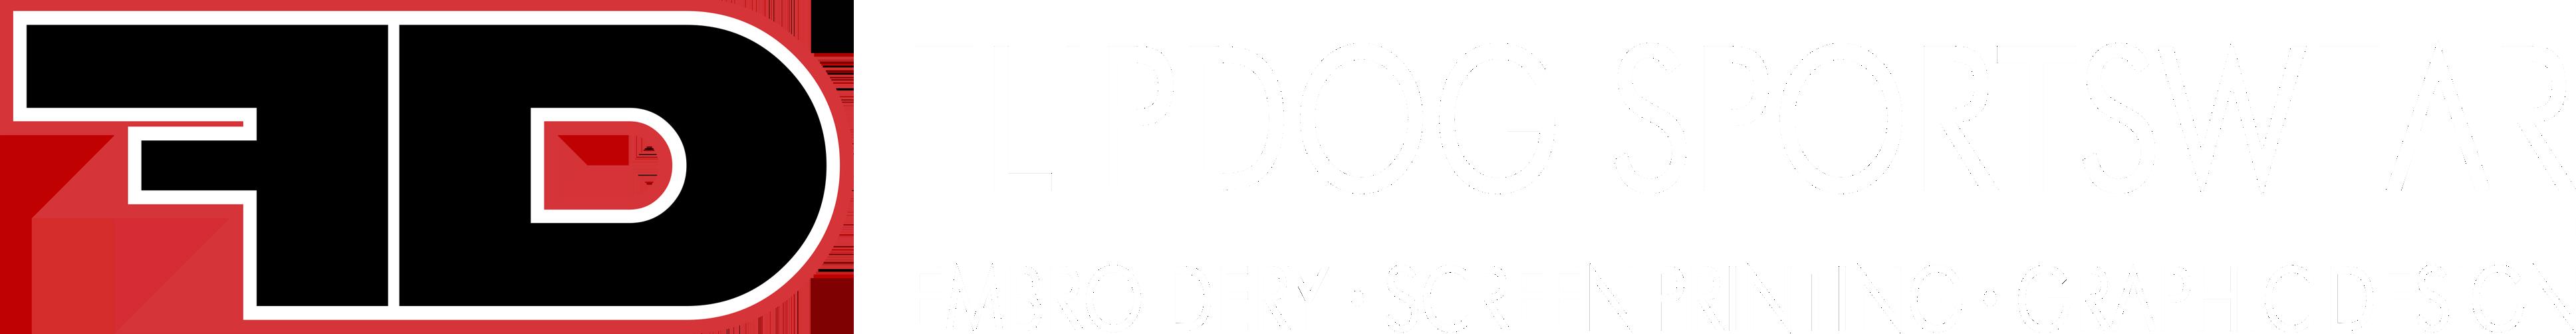 fp-logo-2